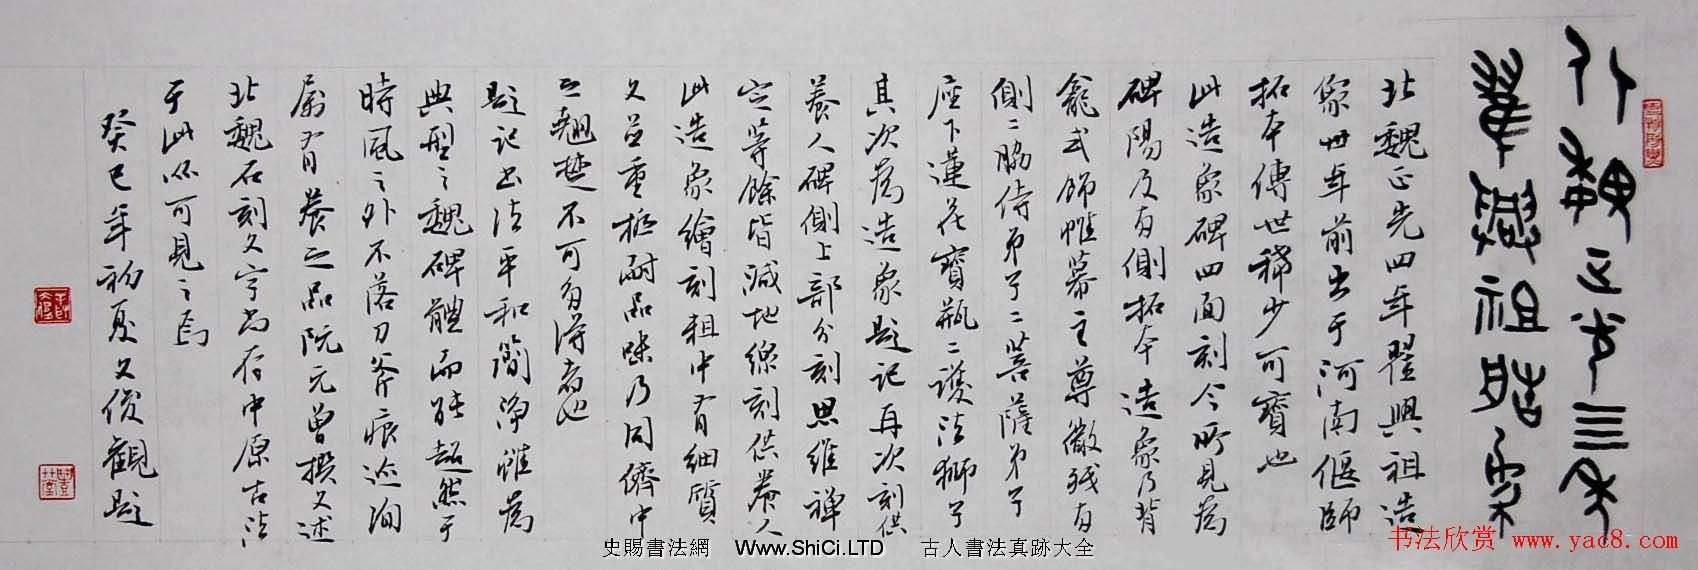 吉林叢文俊題跋書法展(共57張圖片)